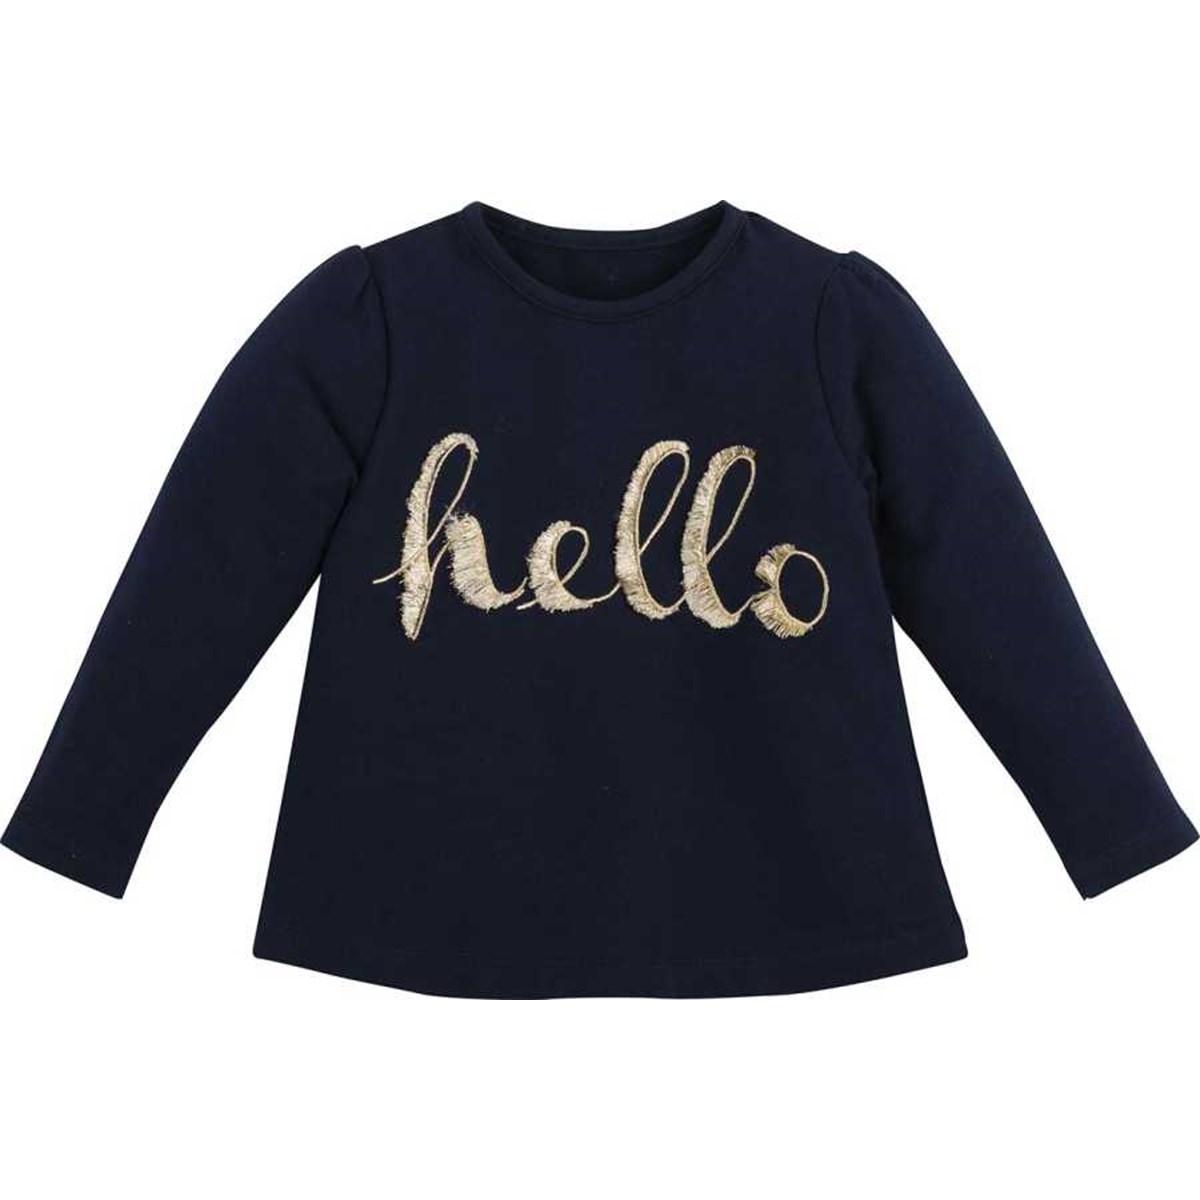 9407 Sweatshirt 1